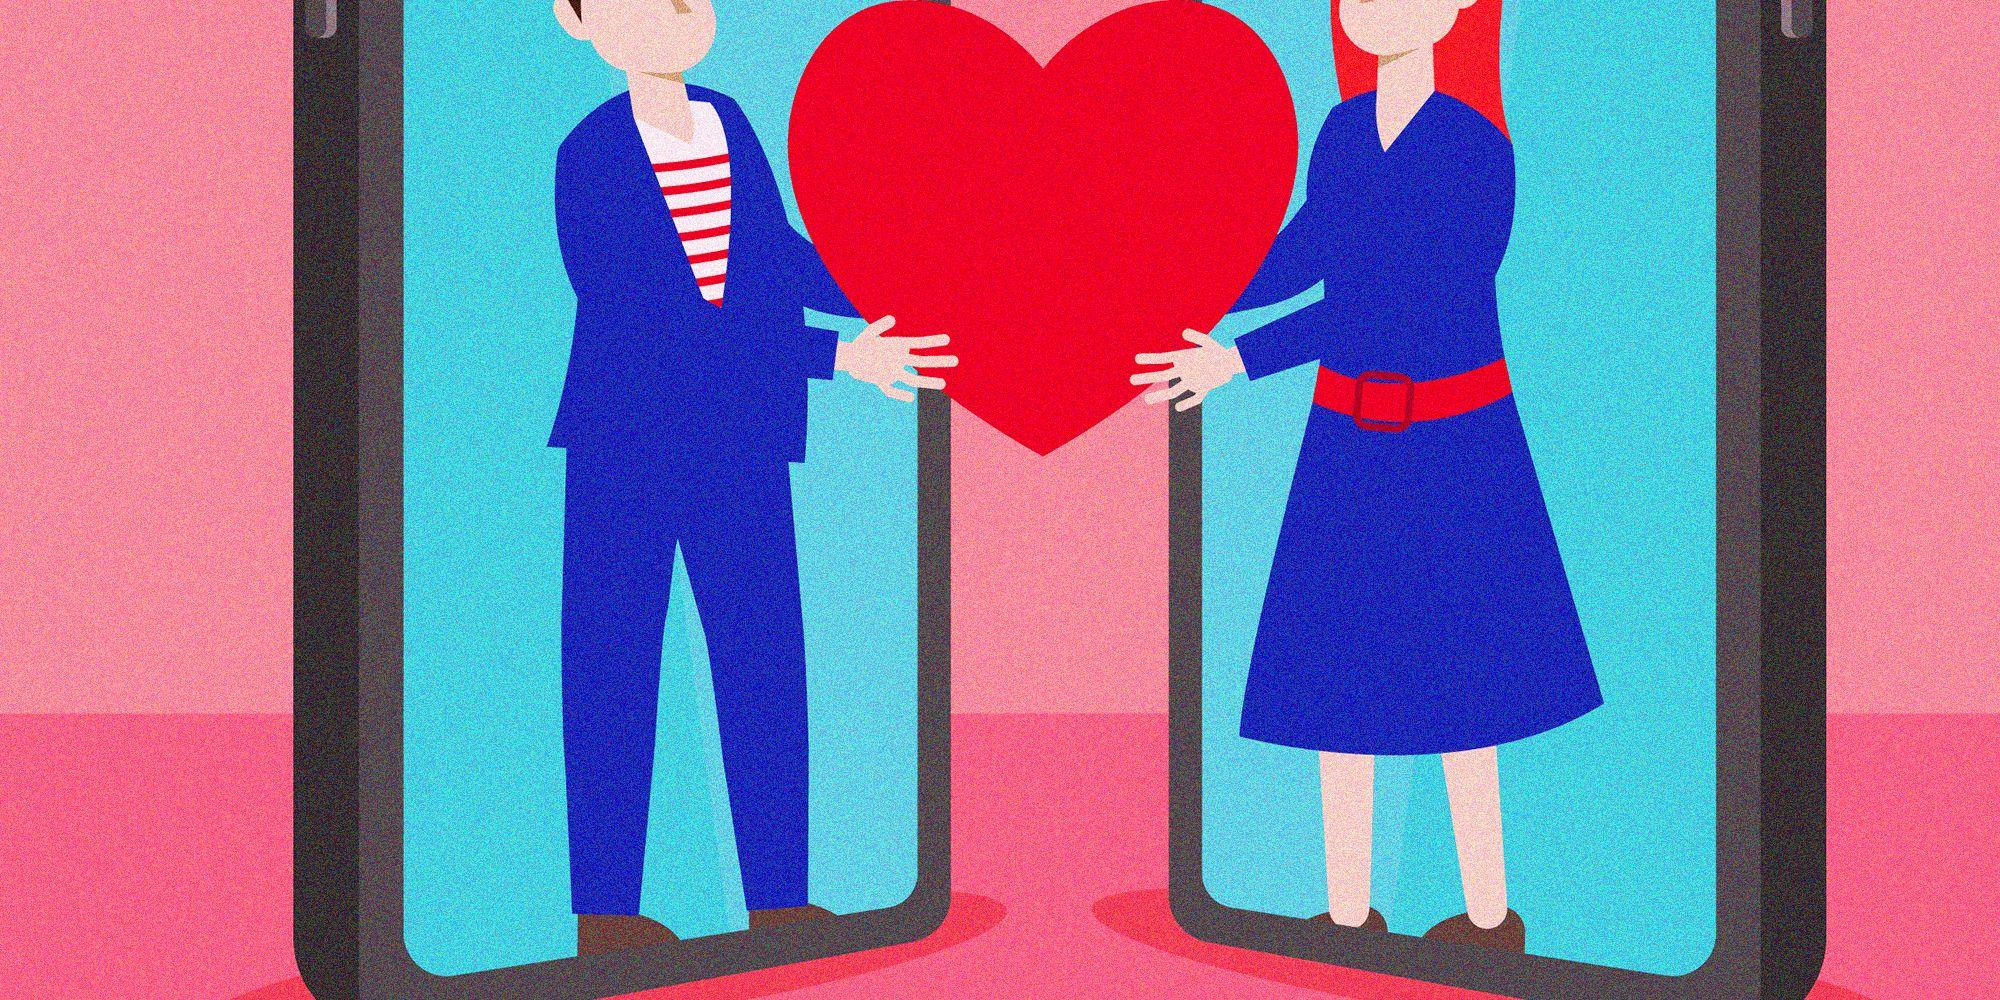 Relazioni: le domande da fare in coppia